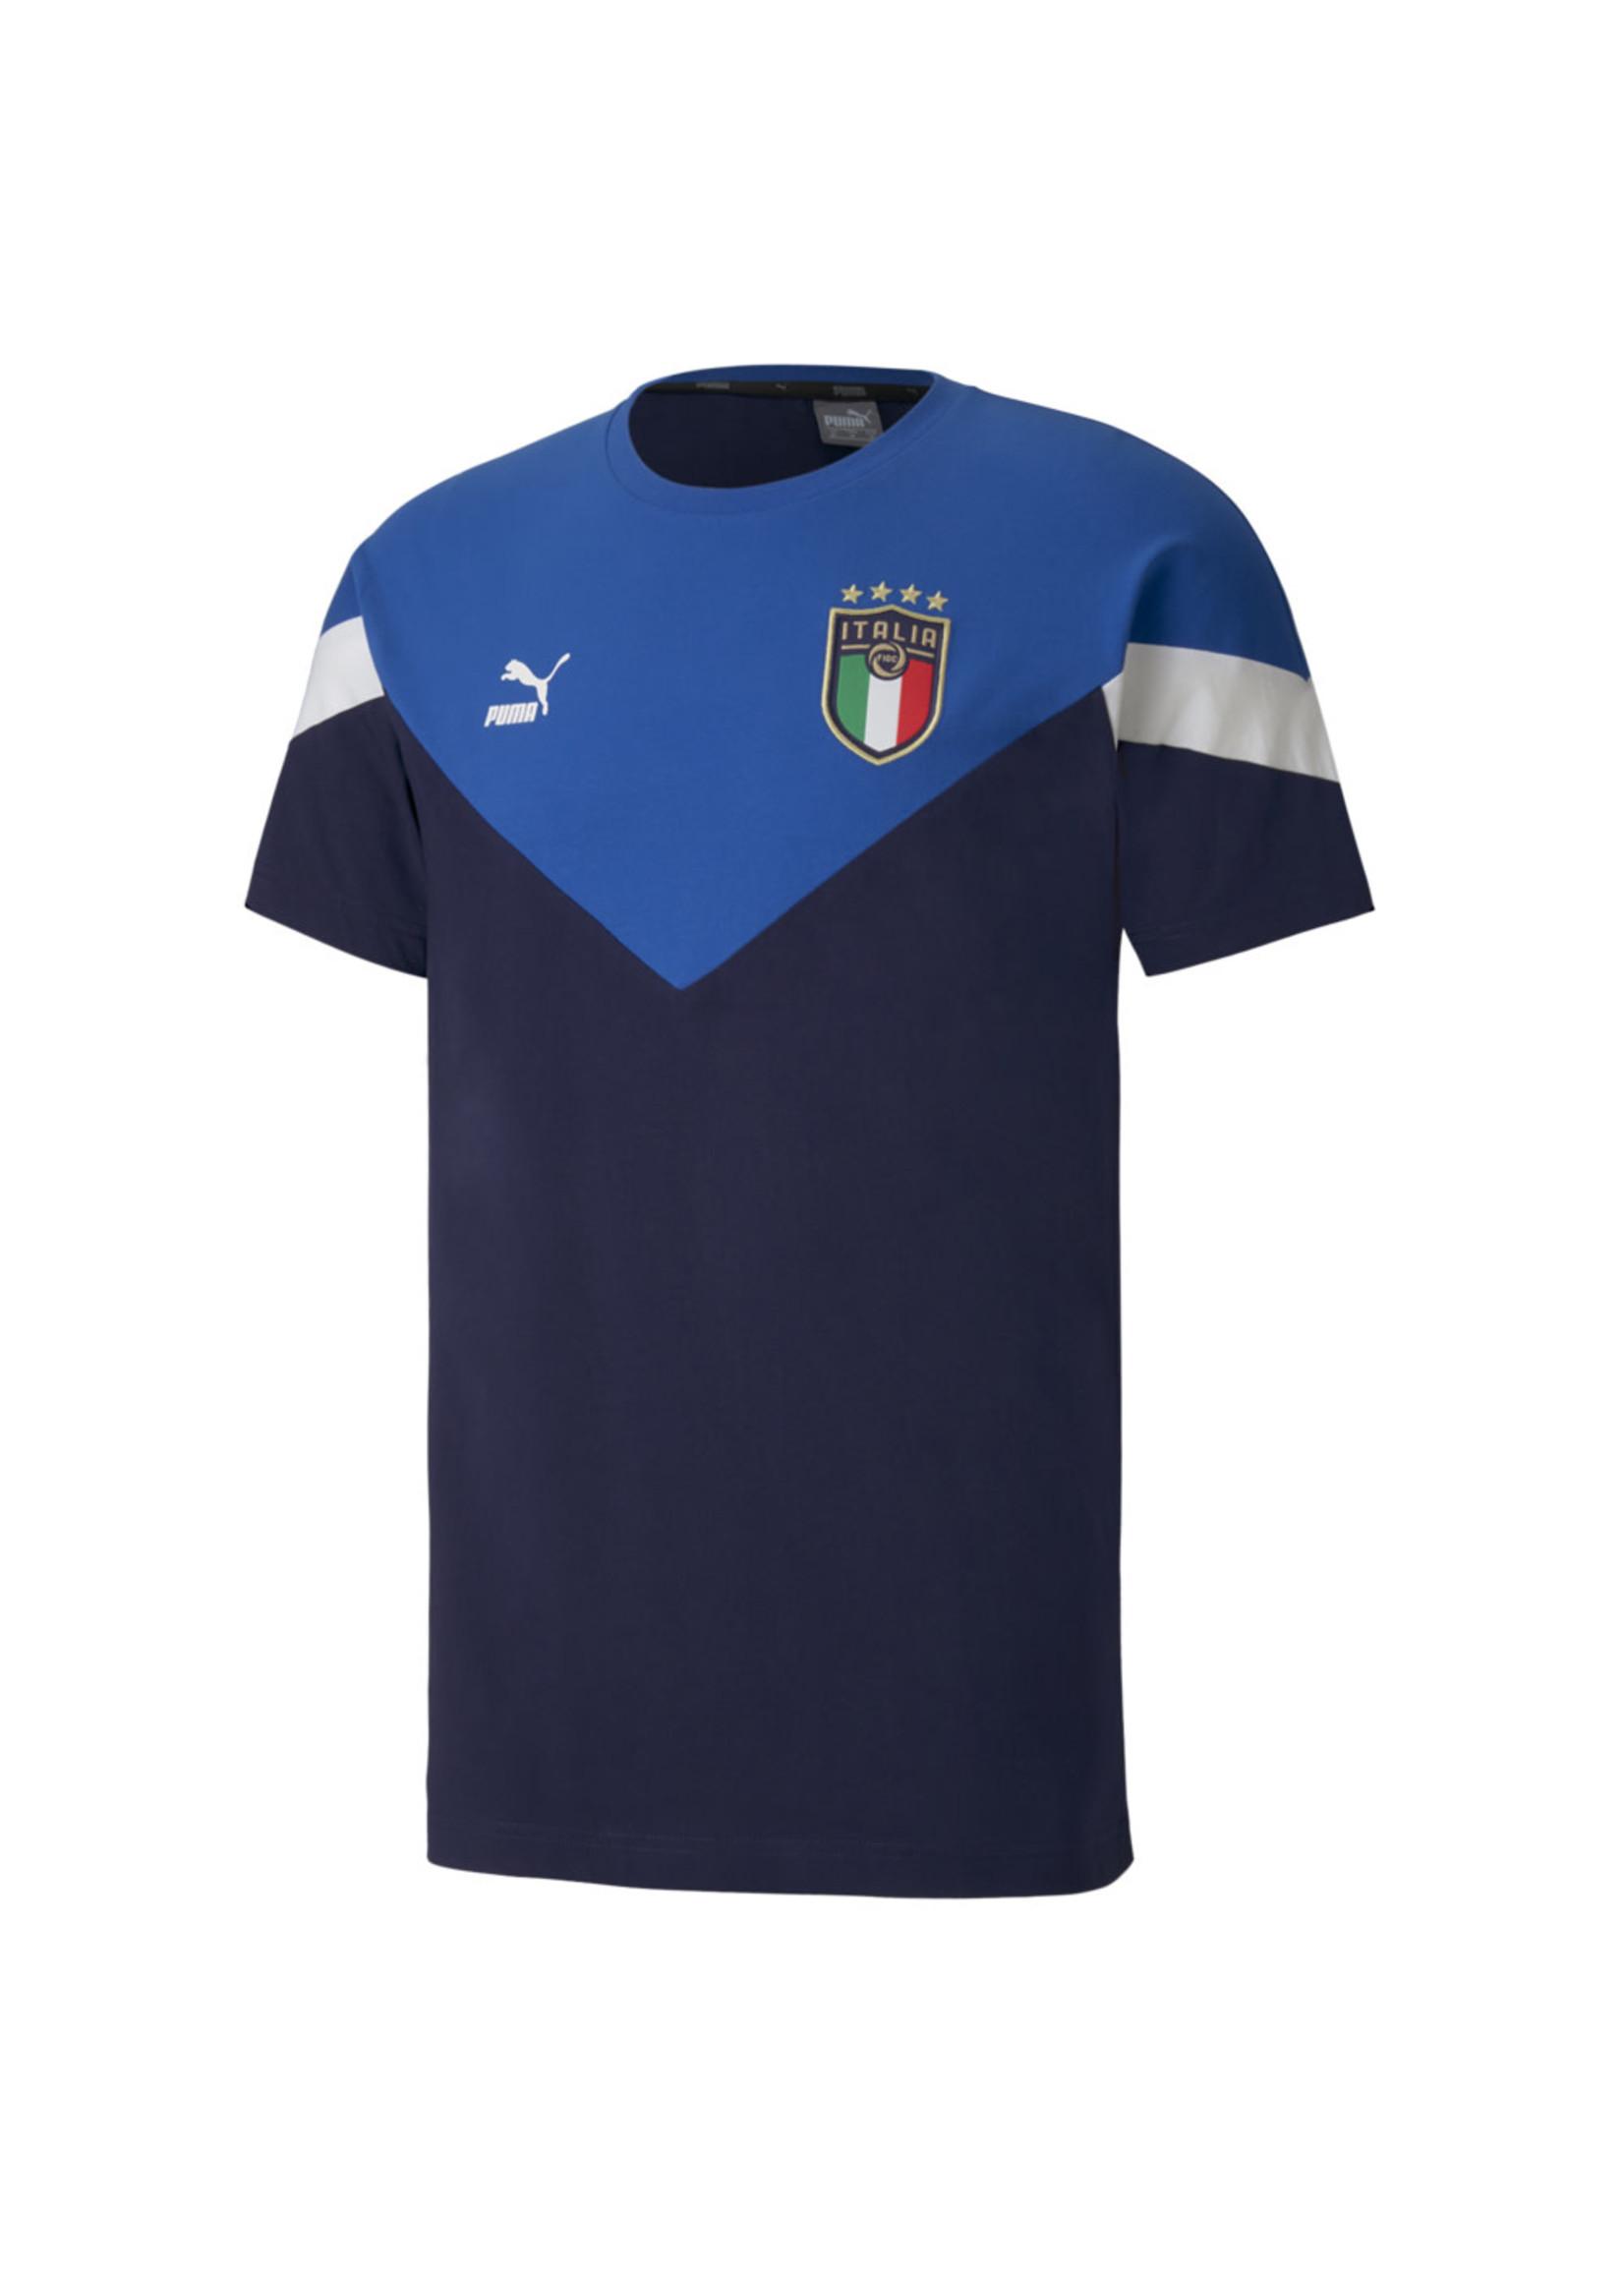 Puma Italy T-Shirt - 756660 01